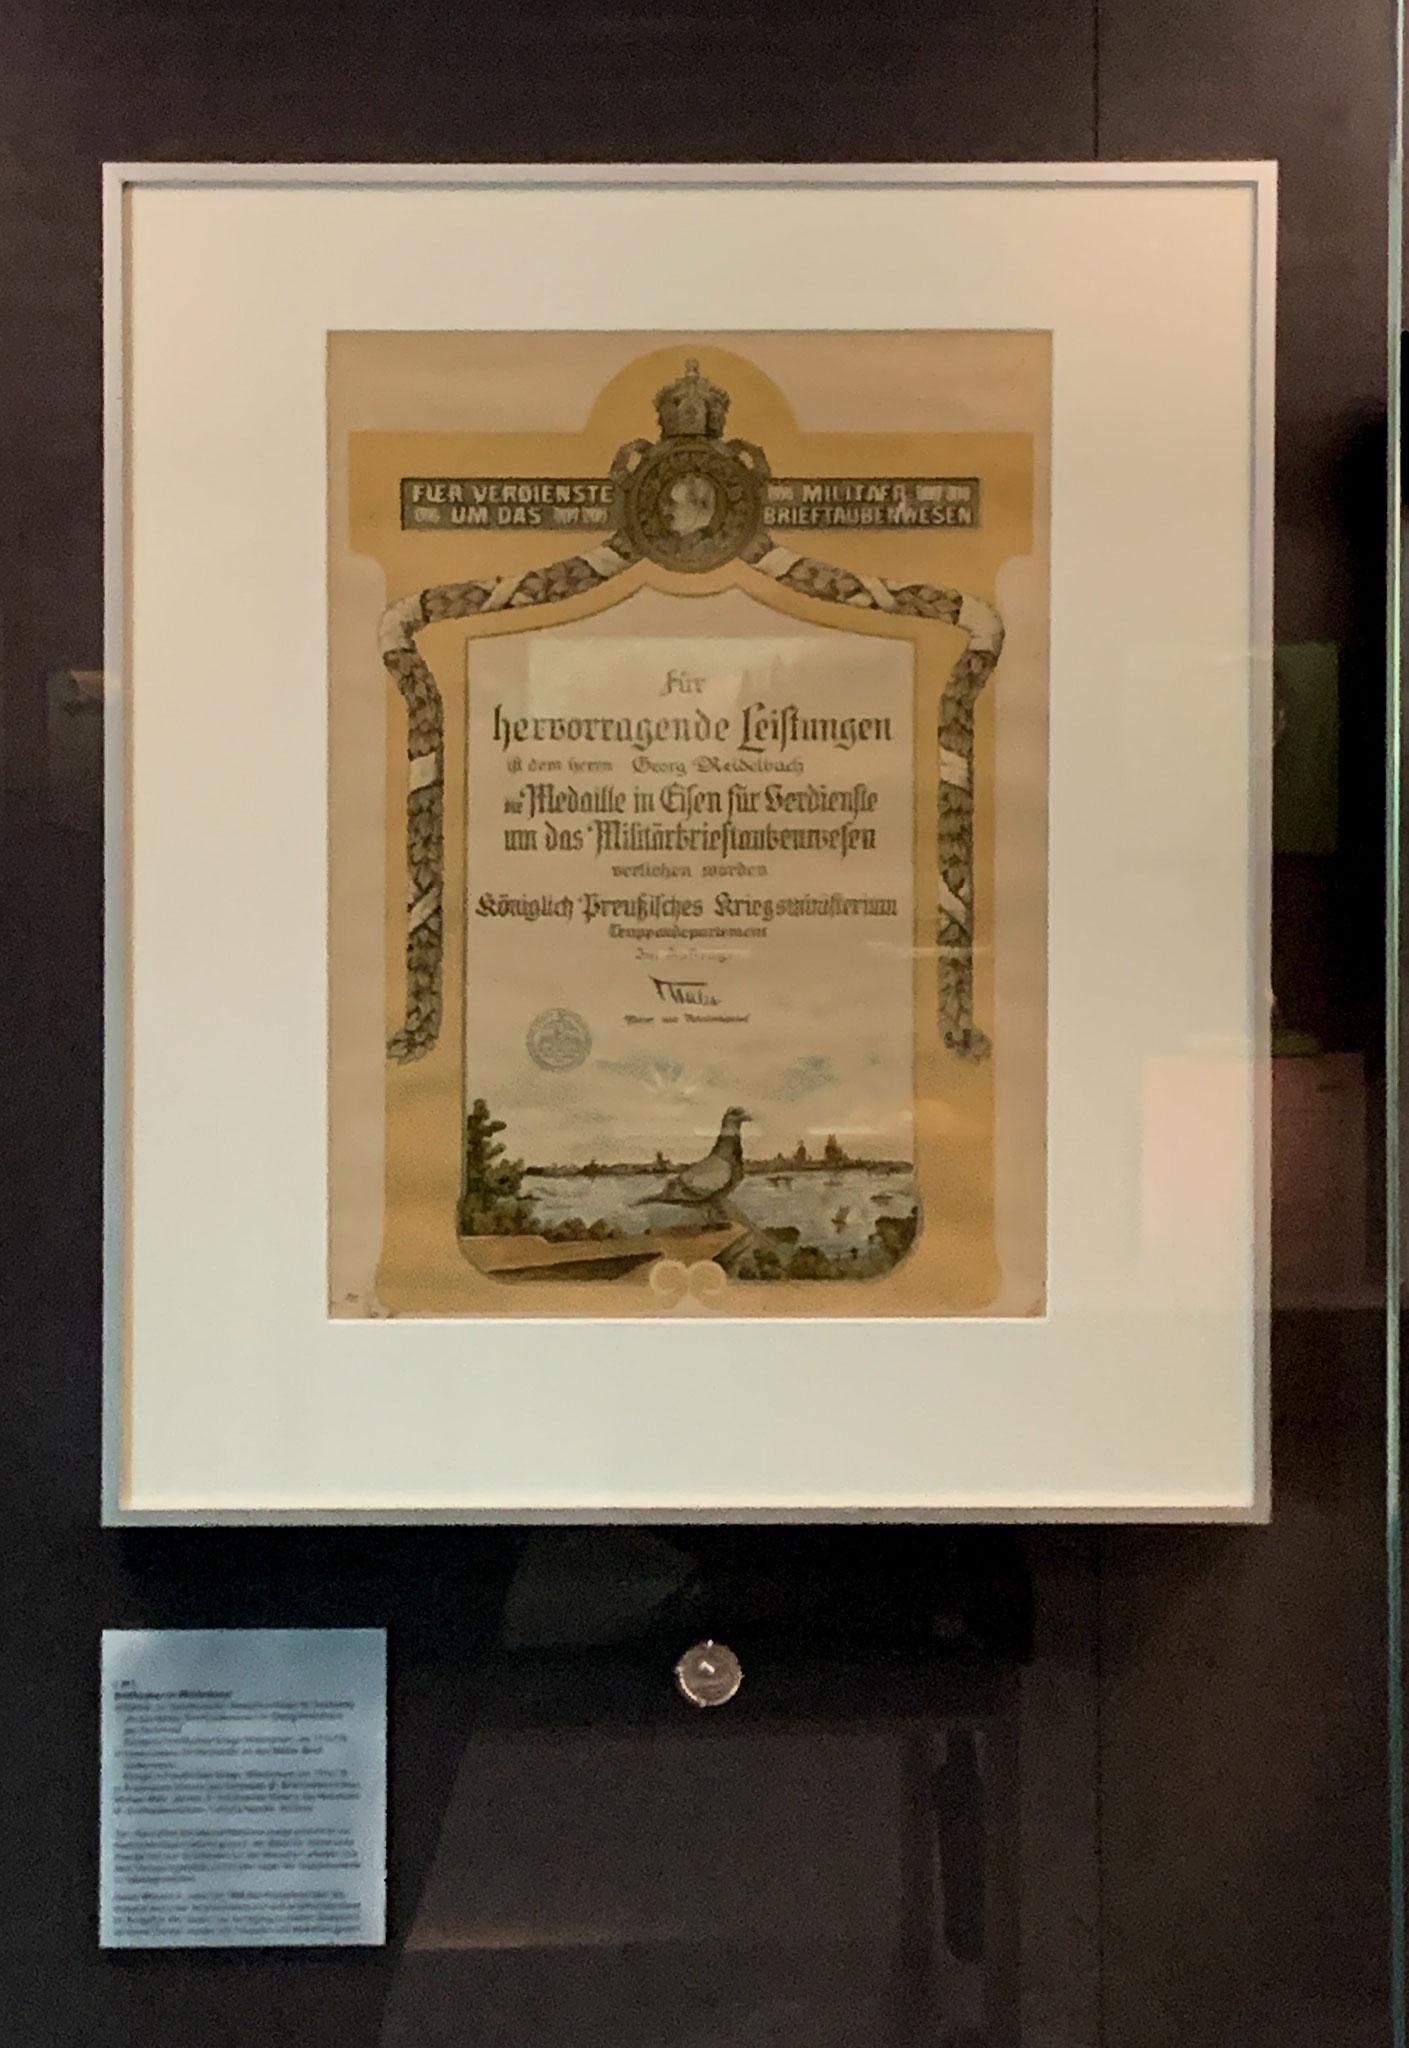 Urkunde und eiserne Medaille für hervorragendes Leistungen um das Brieftaubenwesen